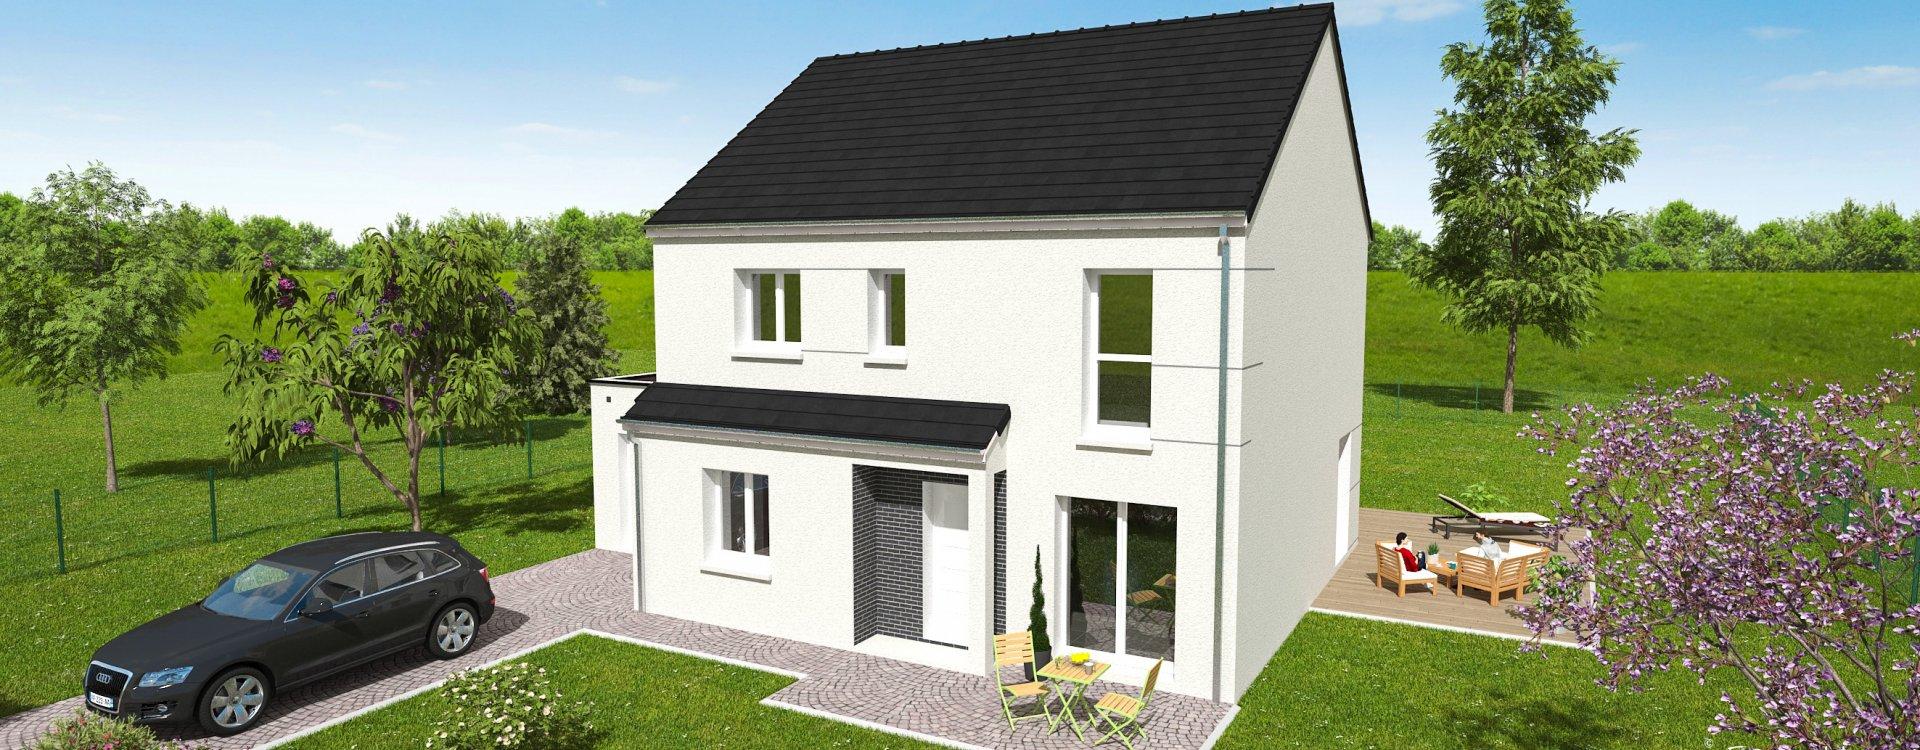 Maisons + Terrains du constructeur EASY HOUSE • 132 m² • LIGNY LE RIBAULT